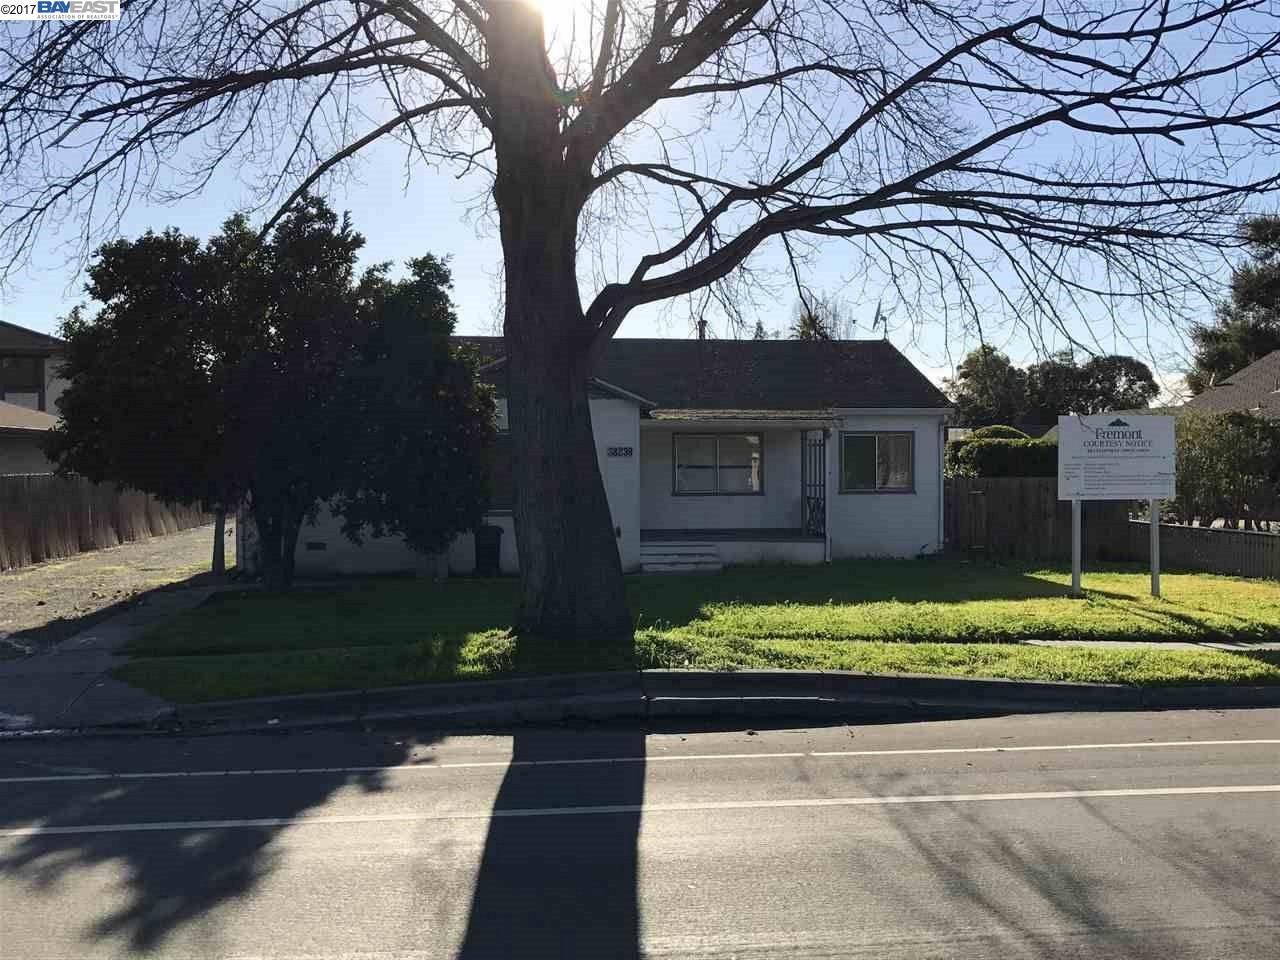 Земля для того Продажа на 38239 Fremont Blvd 38239 Fremont Blvd Fremont, Калифорния 94536 Соединенные Штаты